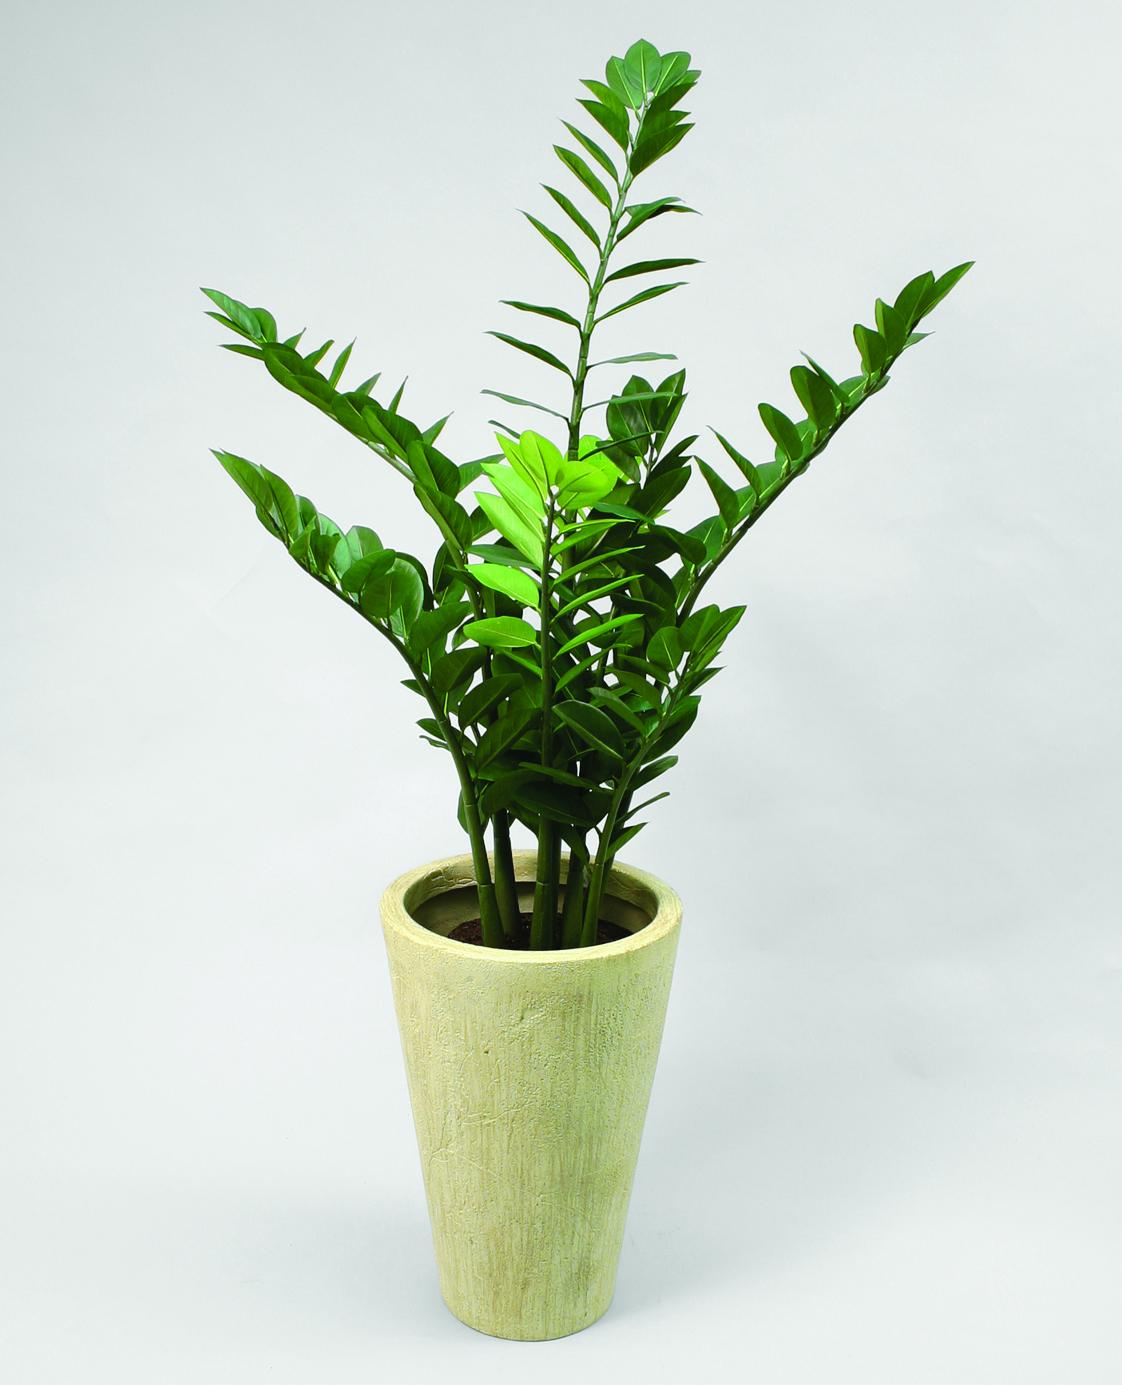 Zamifolia